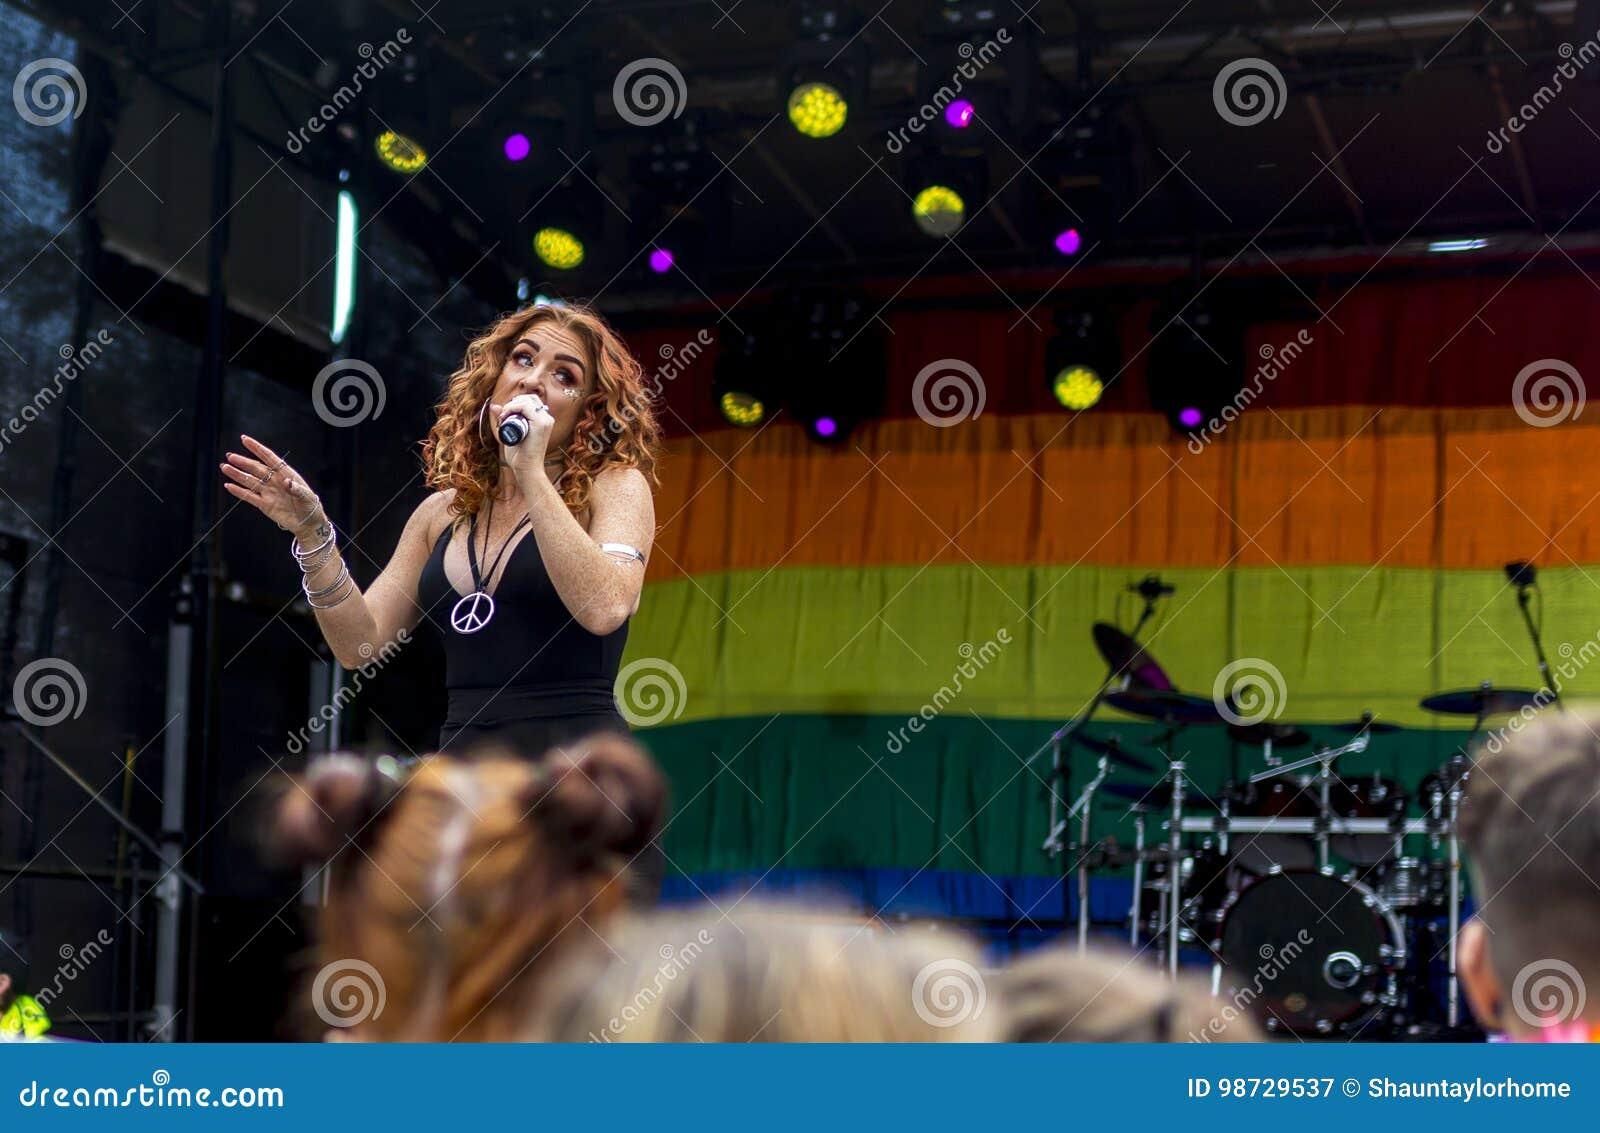 Doncaster orgullo festival del 19 de agosto de 2017 LGBT, Donna Ramsdale, Jess